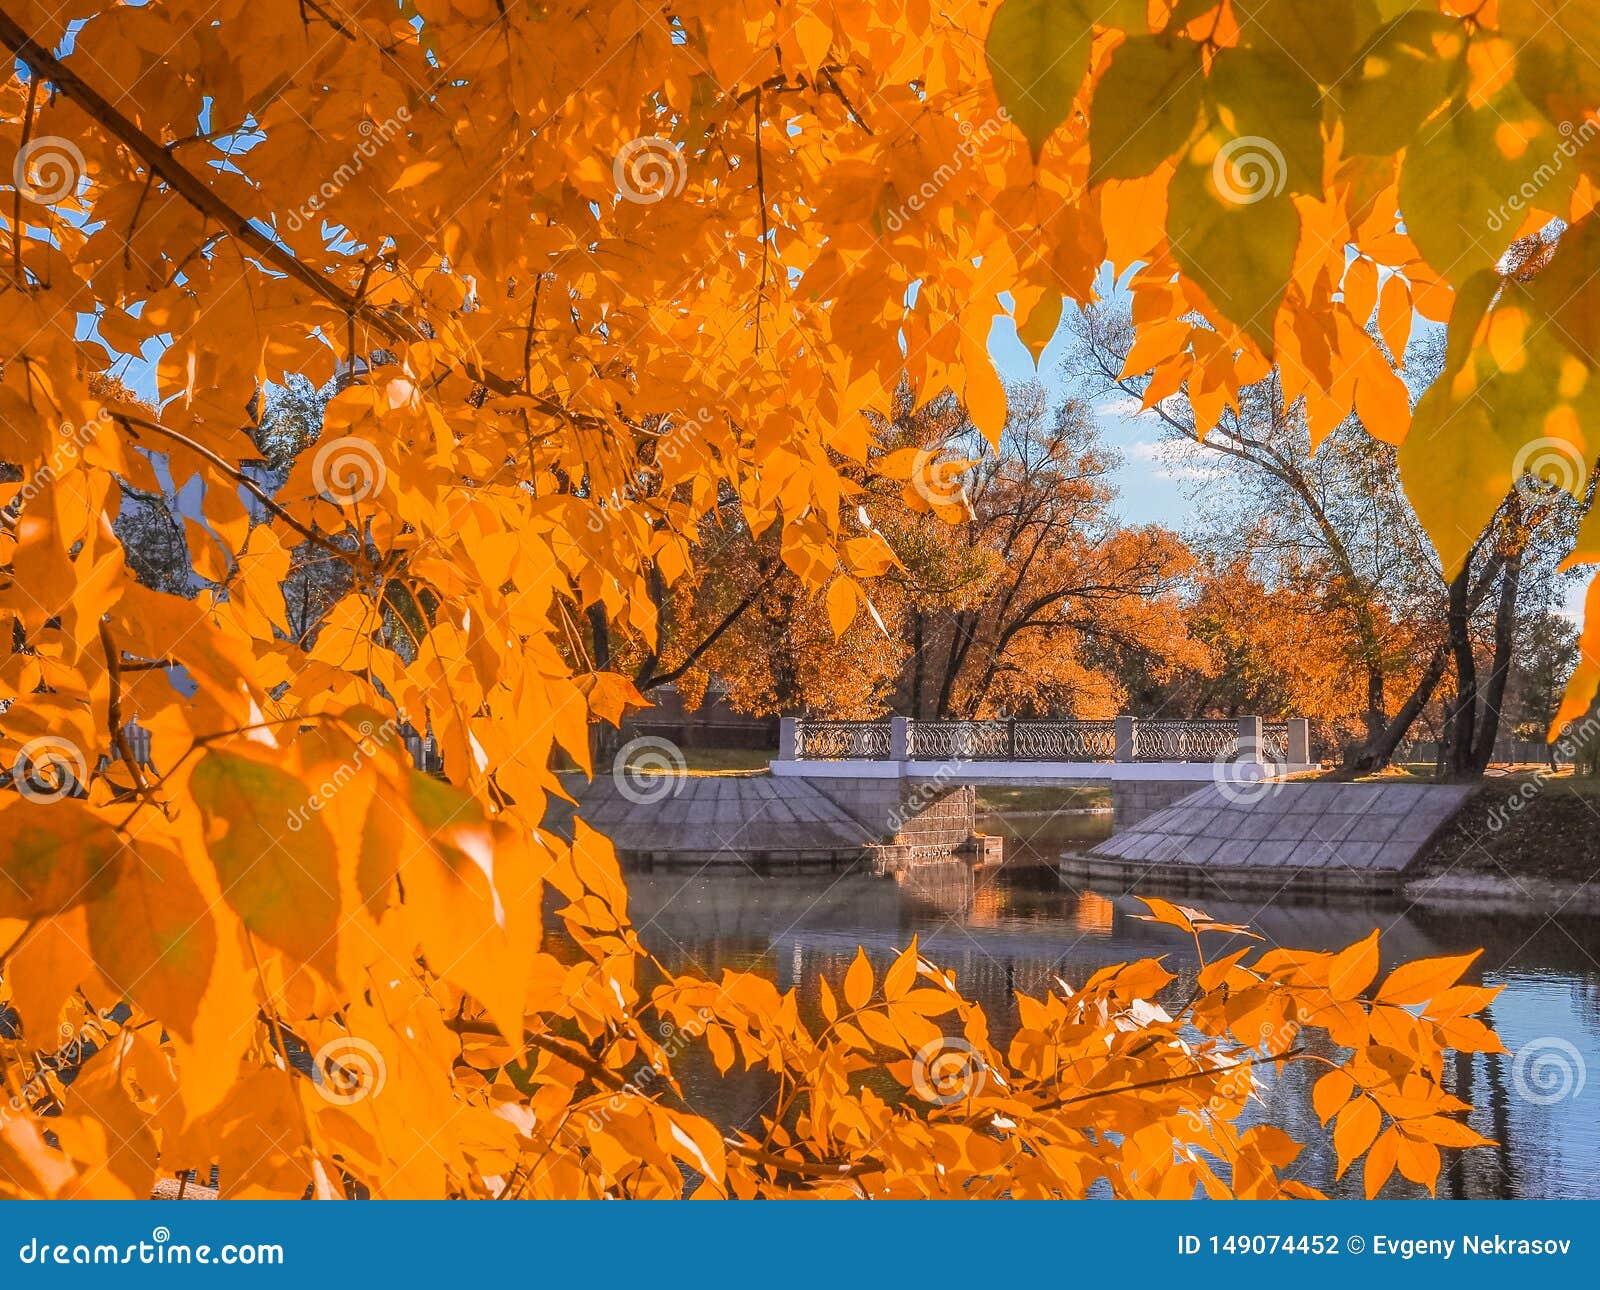 Мост над речным руслом обрамленным желтым листопадом